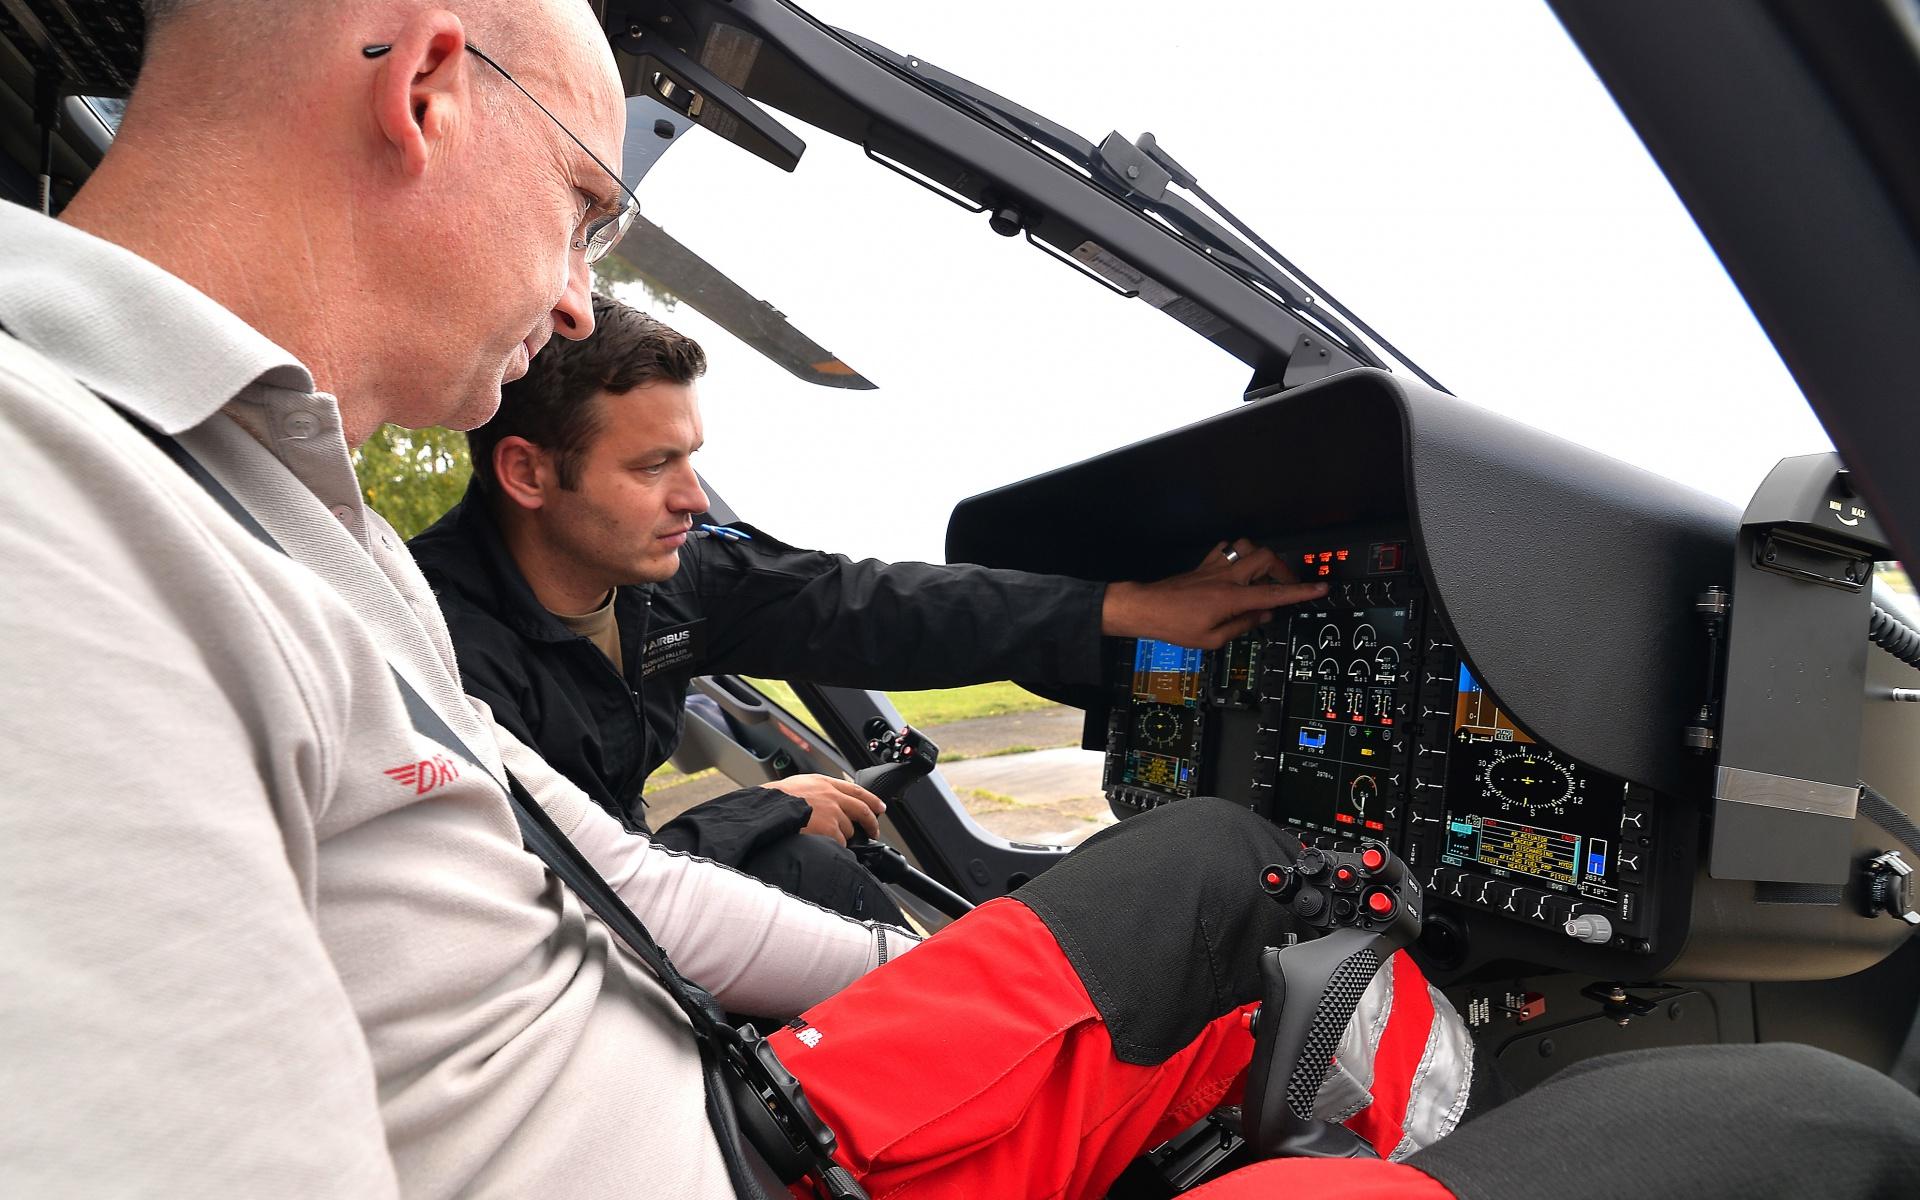 Rettungspilot Peter Flohr (links), Pilot von Christoph 38, ist beeindruckt von den  vielfältigen Konfigurationsmöglichkeiten der großen Bildschirme im Cockpit der H 135. Denn diese erlauben jederzeit eine ideale Anpassung an die jeweilige Einsatzsituation.